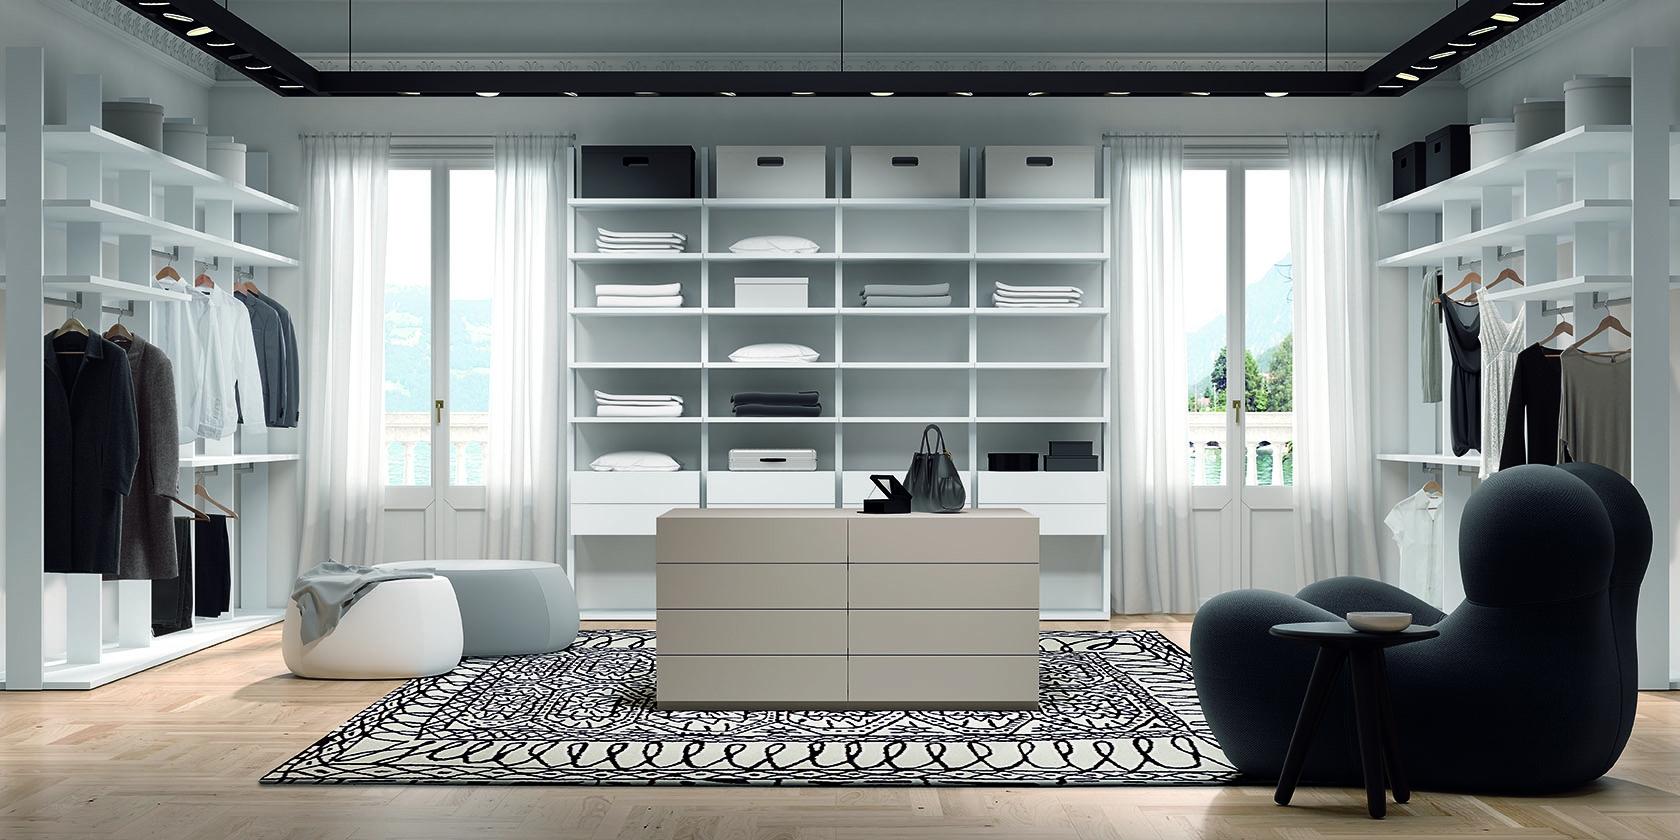 La tienda de muebles mart n - Mobiliario on line ...